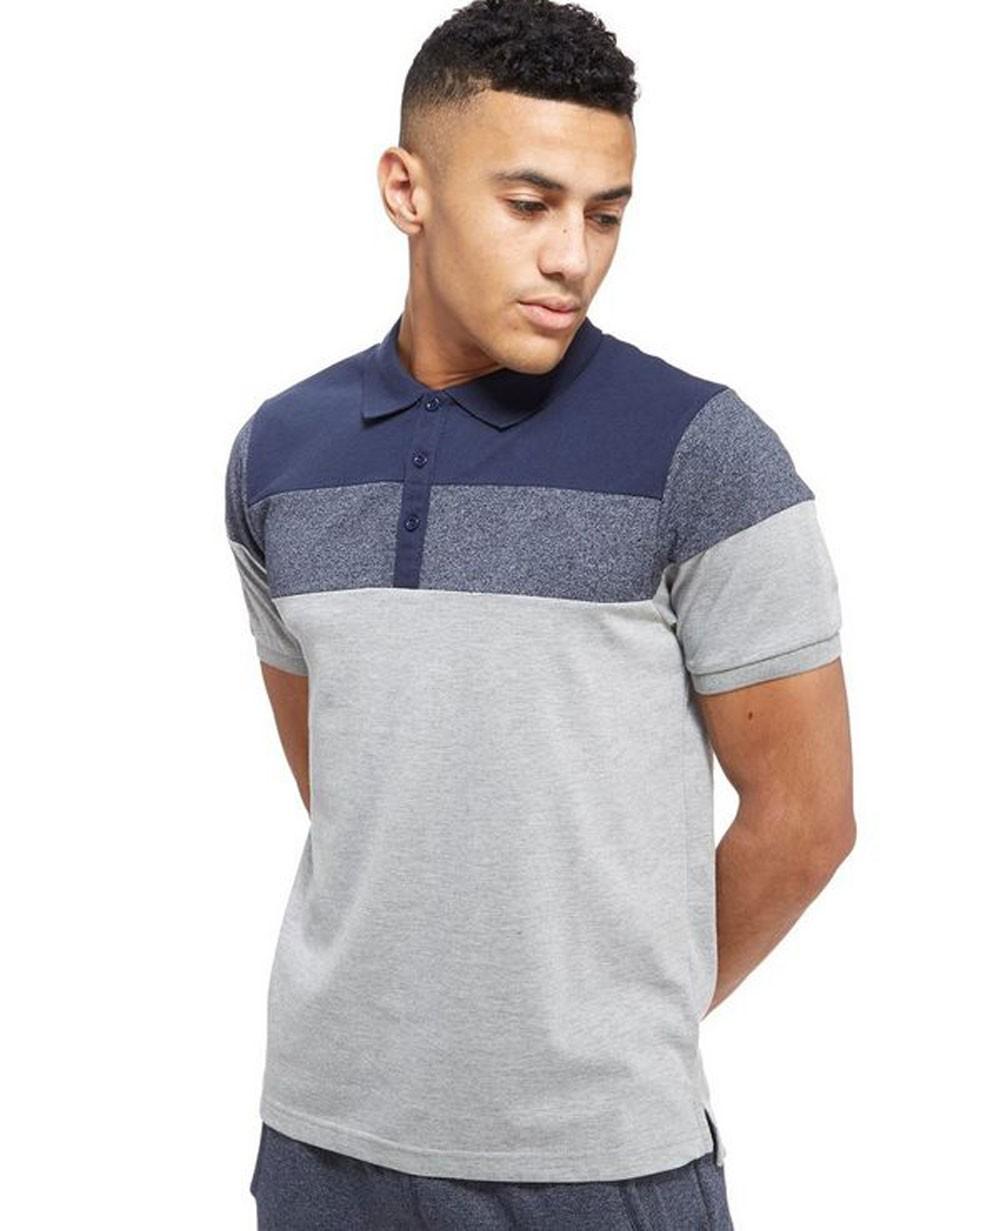 a5e23780 Men Curved Hem Cult Polo Shirt